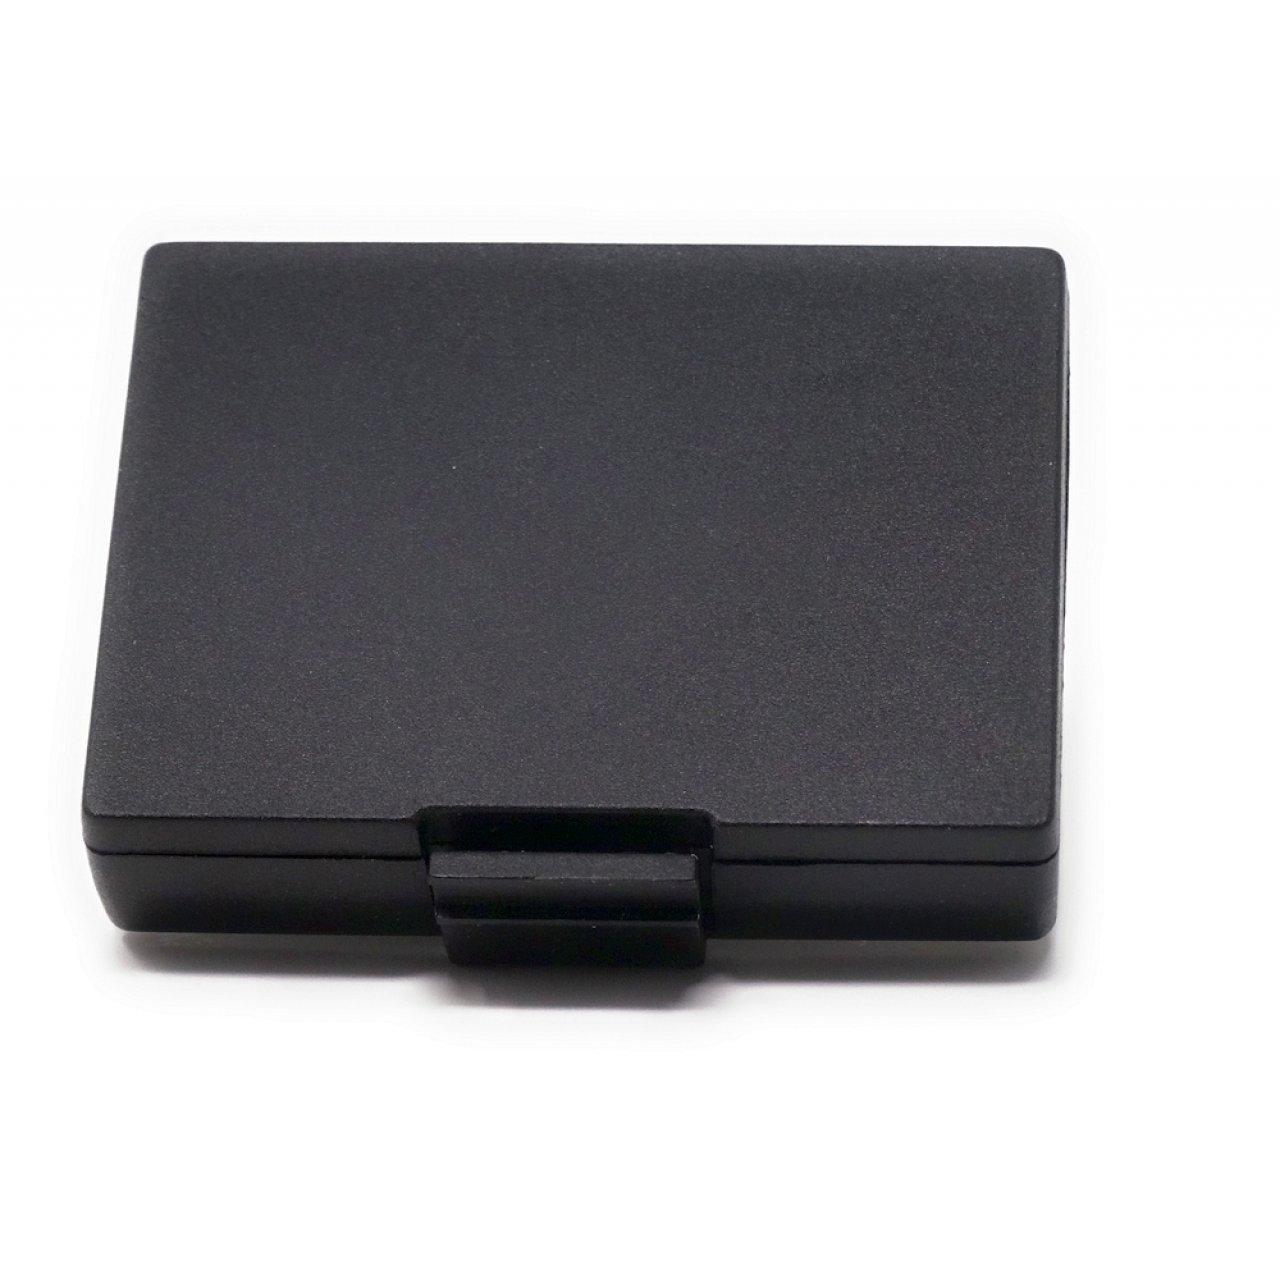 Batería para Impresora Bixolon Modelo PBP-R200: Amazon.es ...